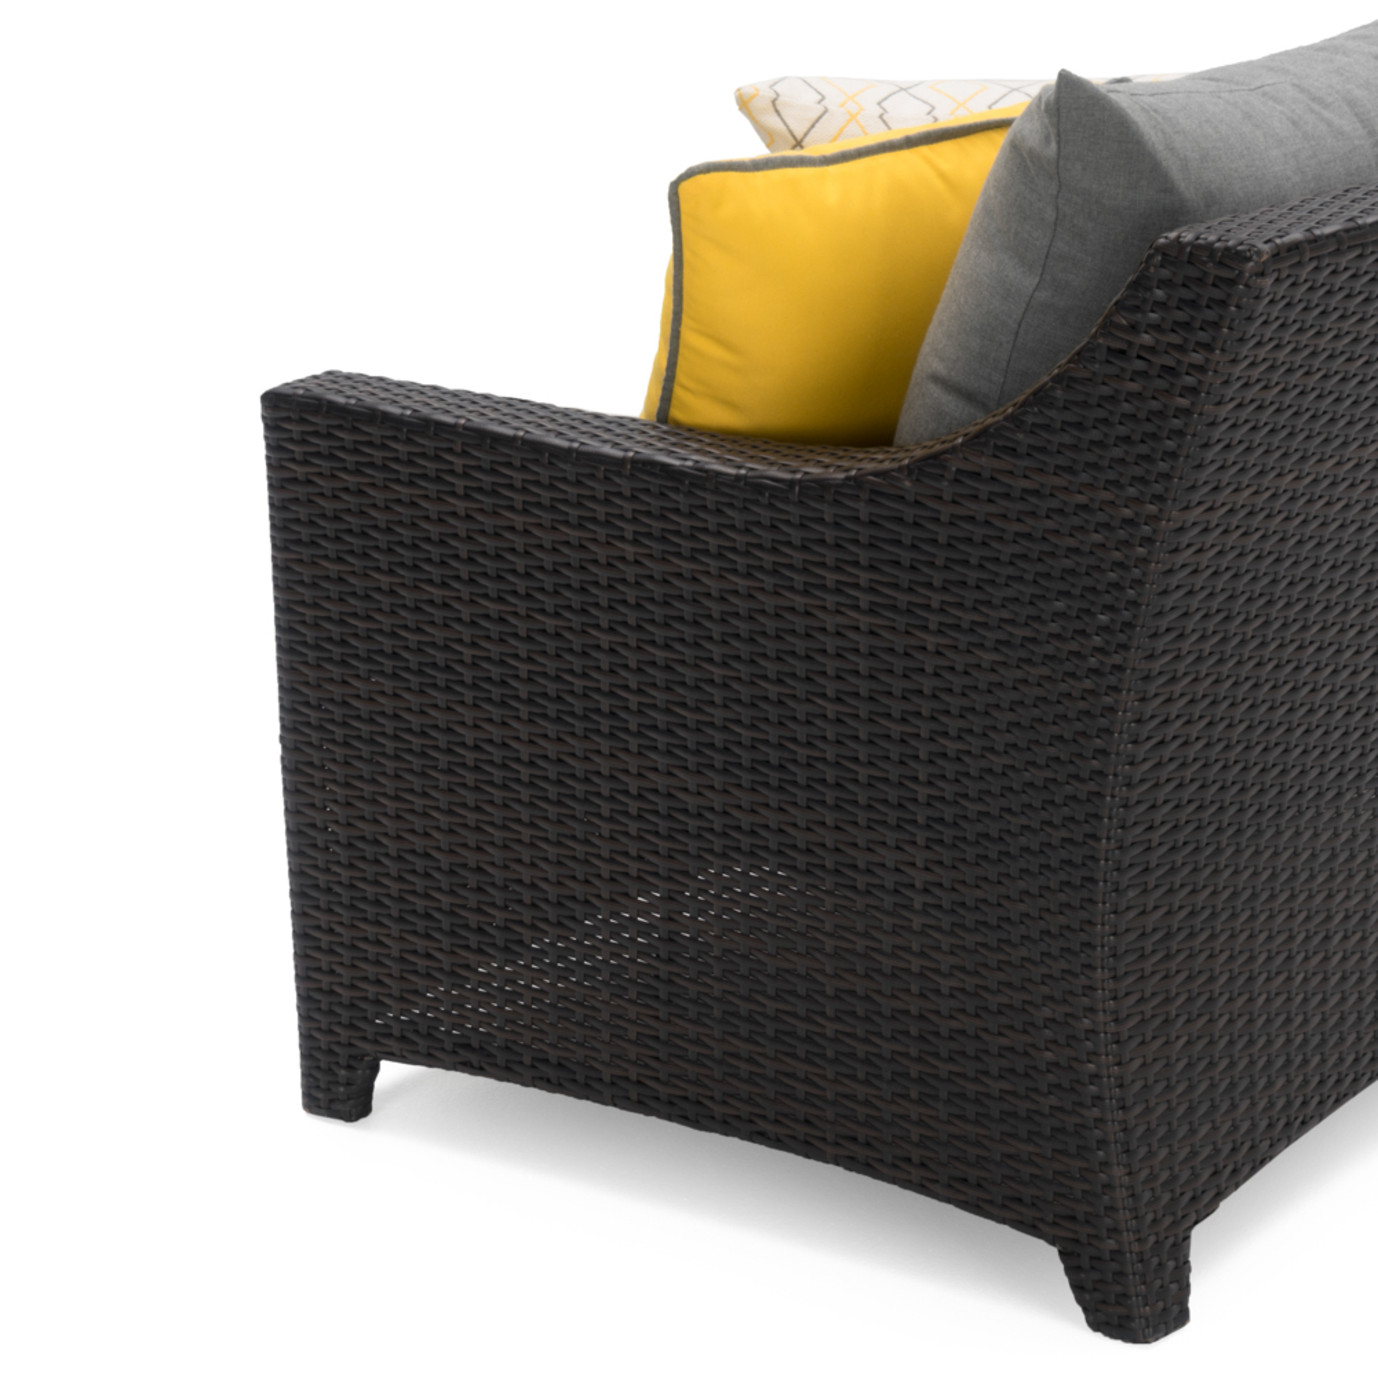 Deco™ Sofa - Sunflower Yellow